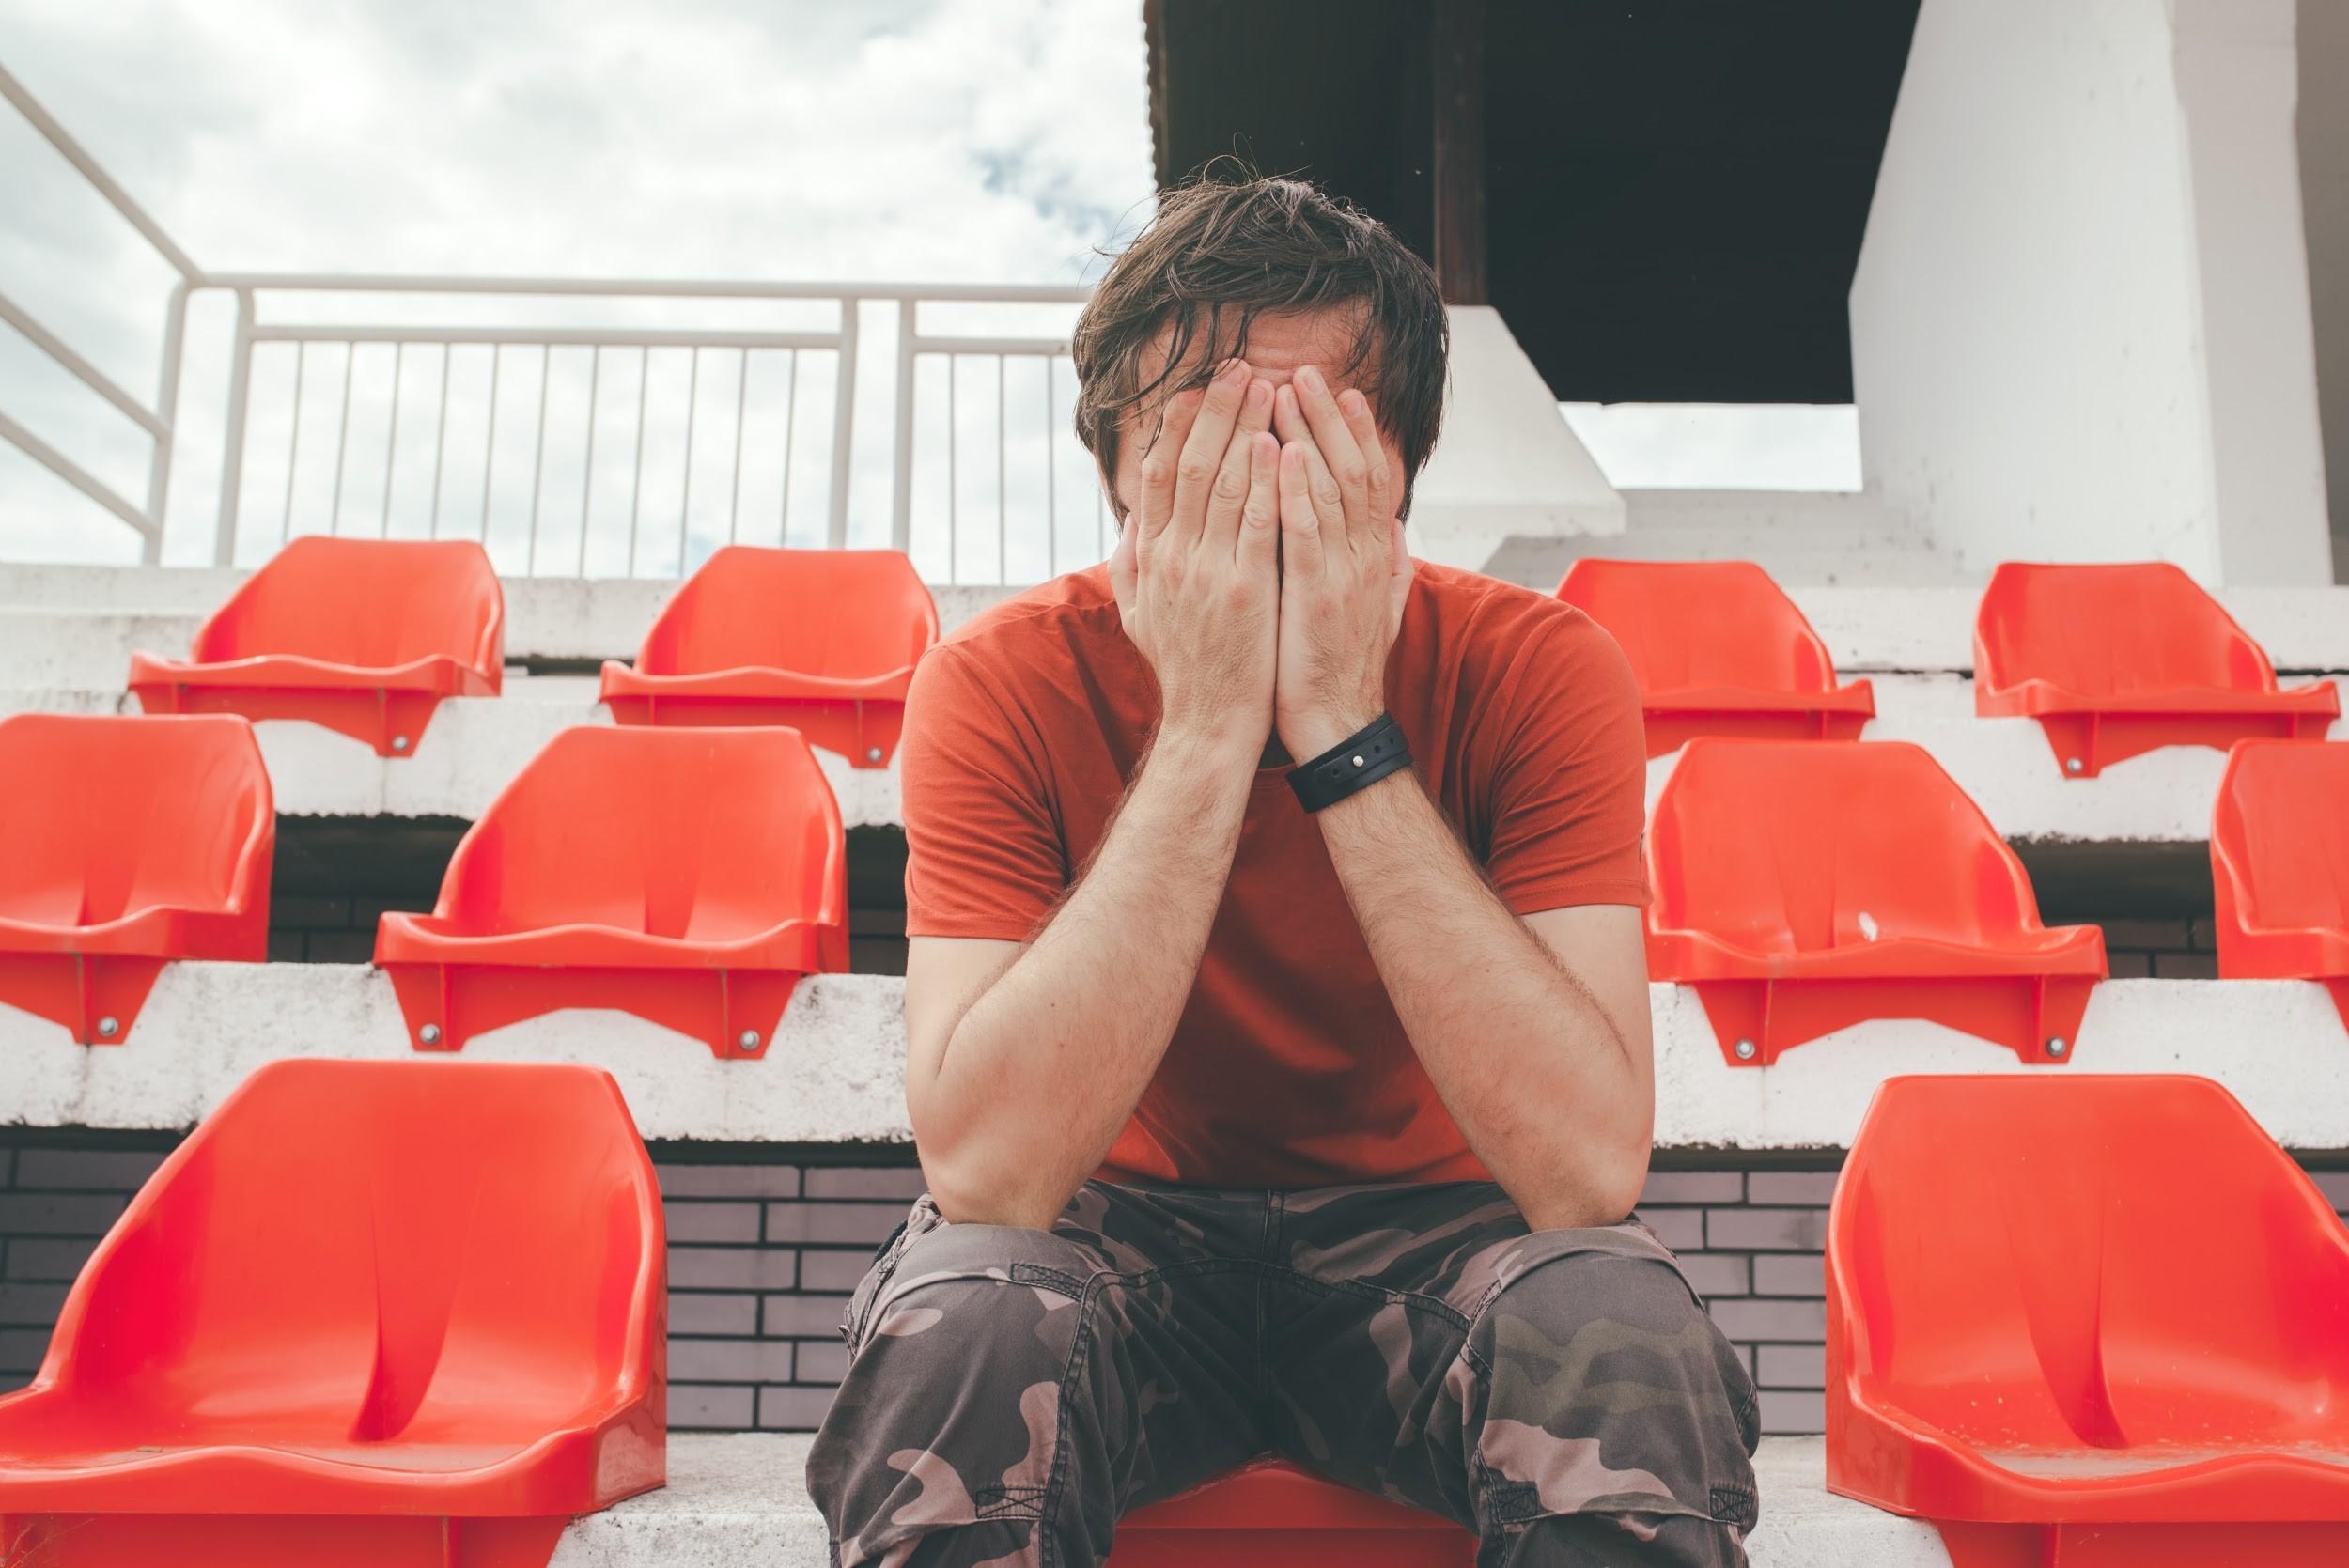 Haja coração: Como a emoção de torcer pode agravar problemas cardiovasculares